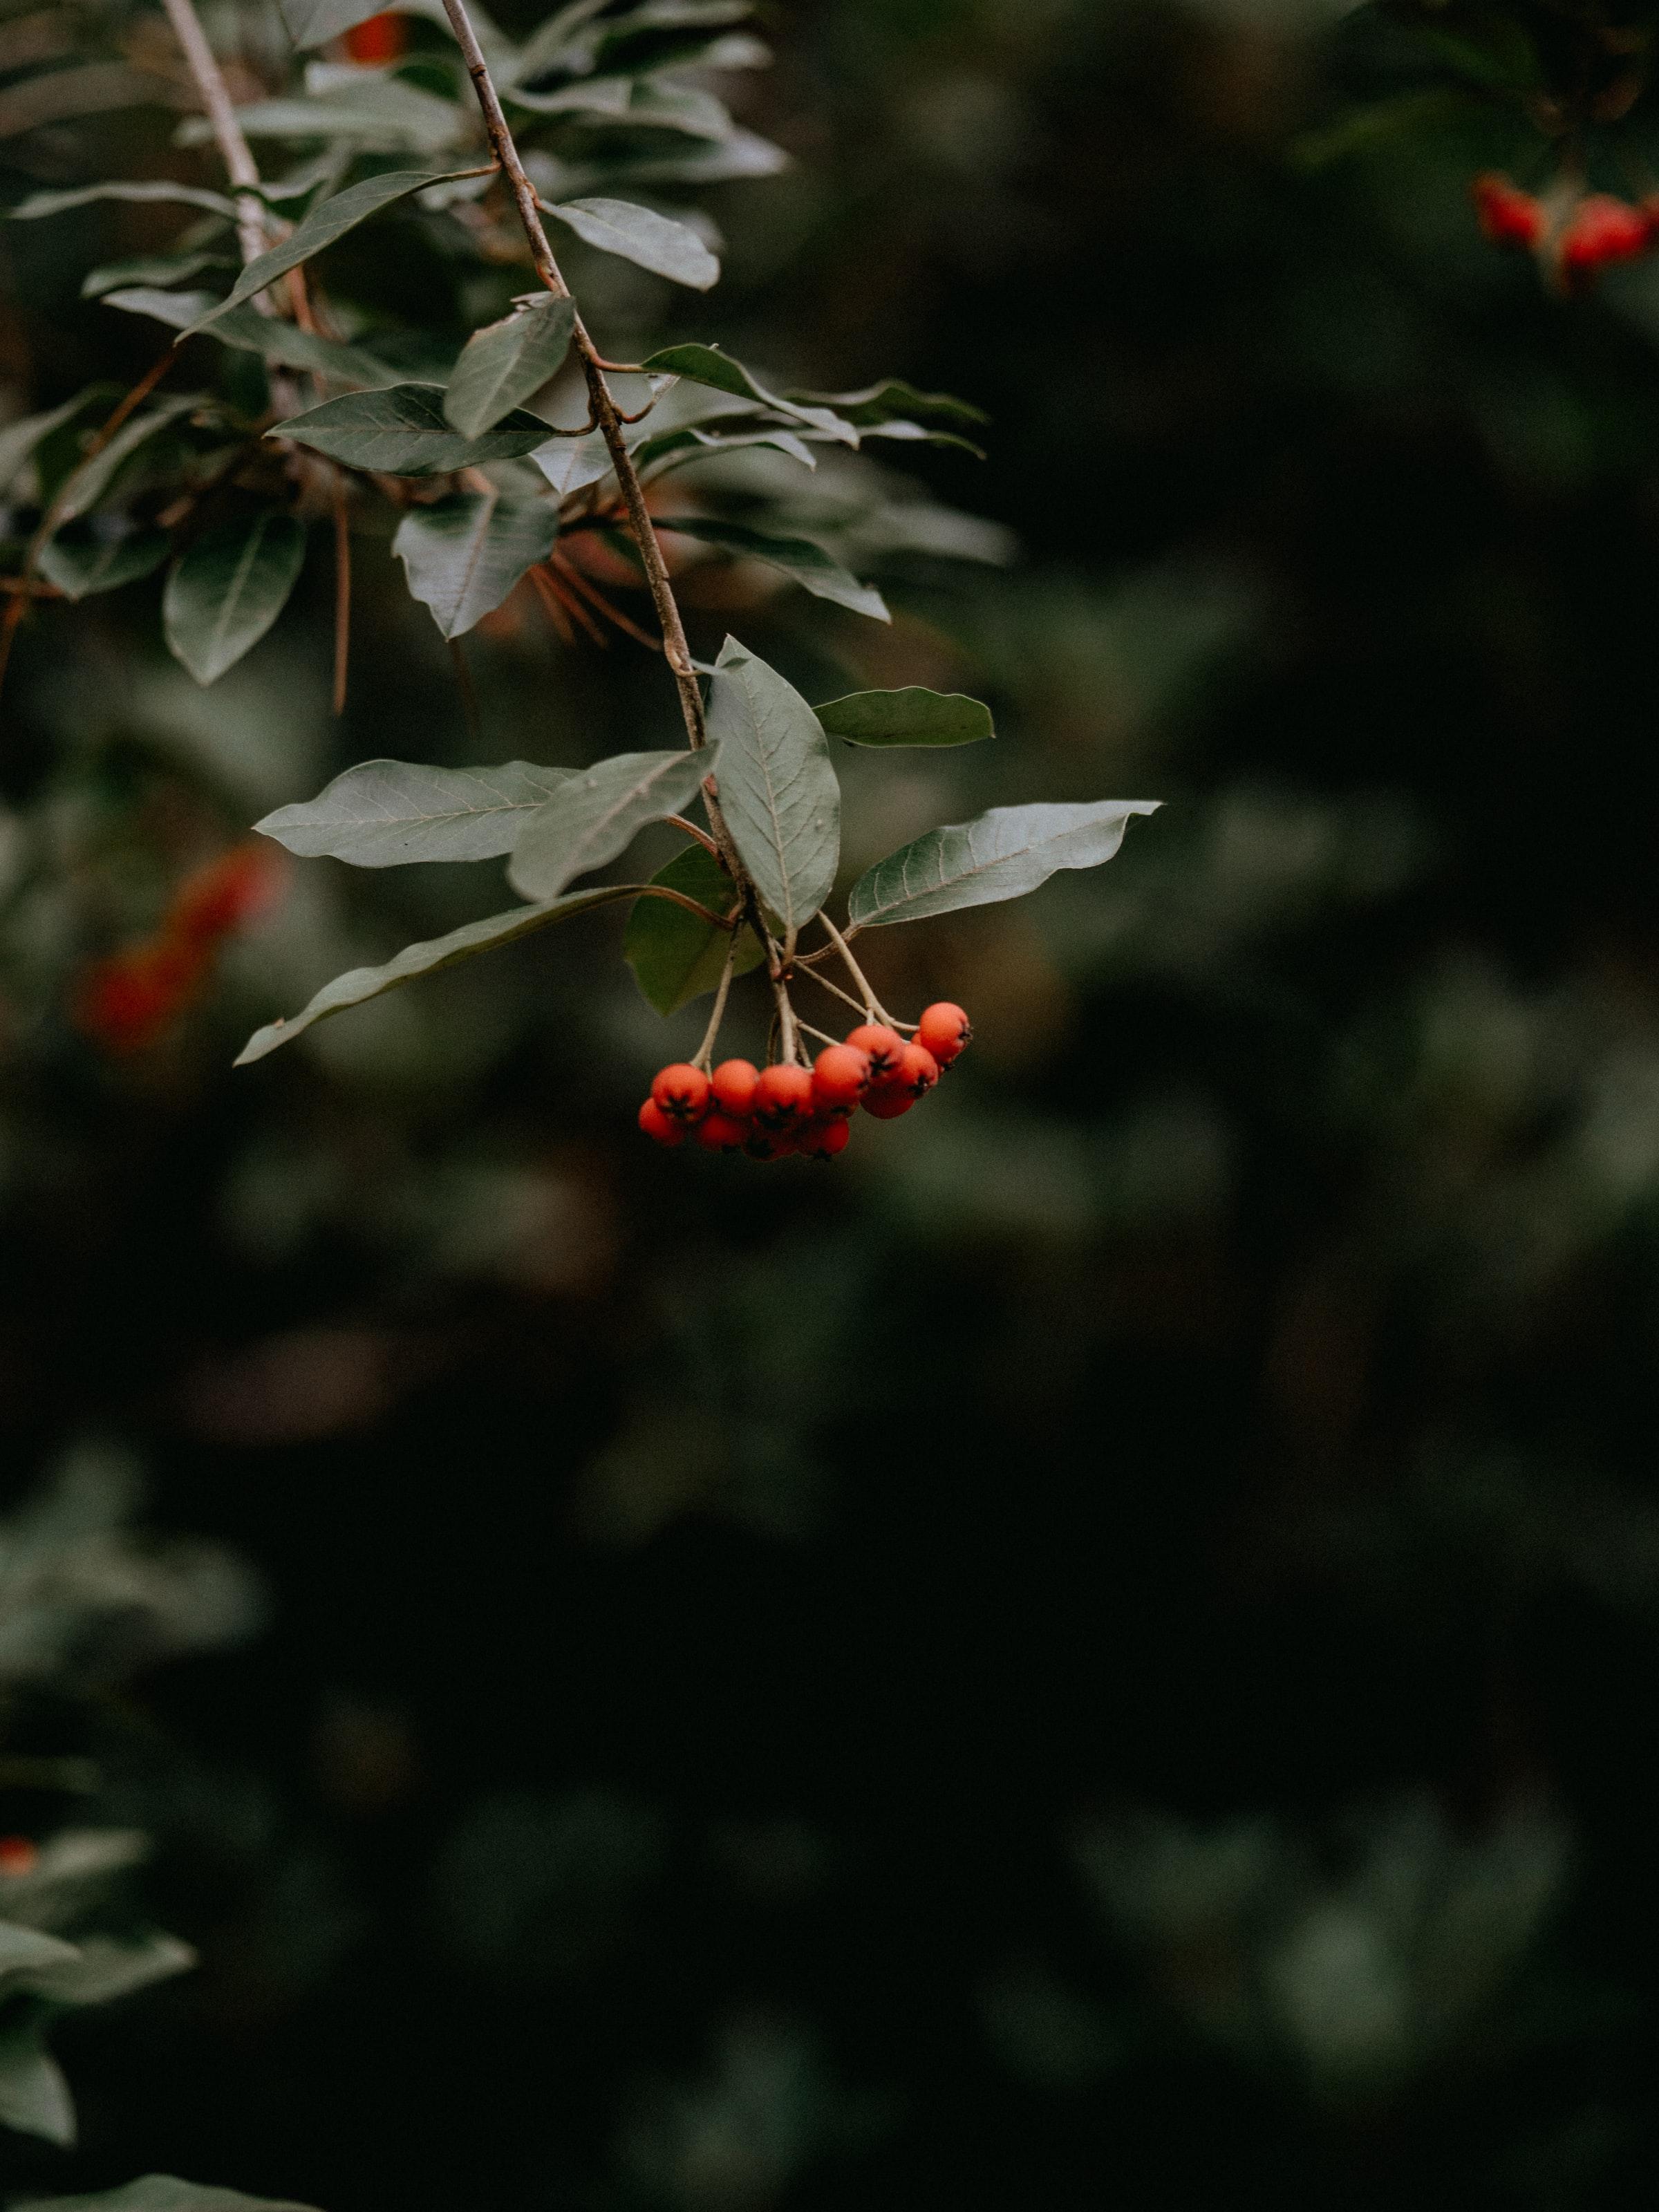 99976 скачать обои Ягоды, Растение, Макро, Красный, Гроздь, Рябина - заставки и картинки бесплатно